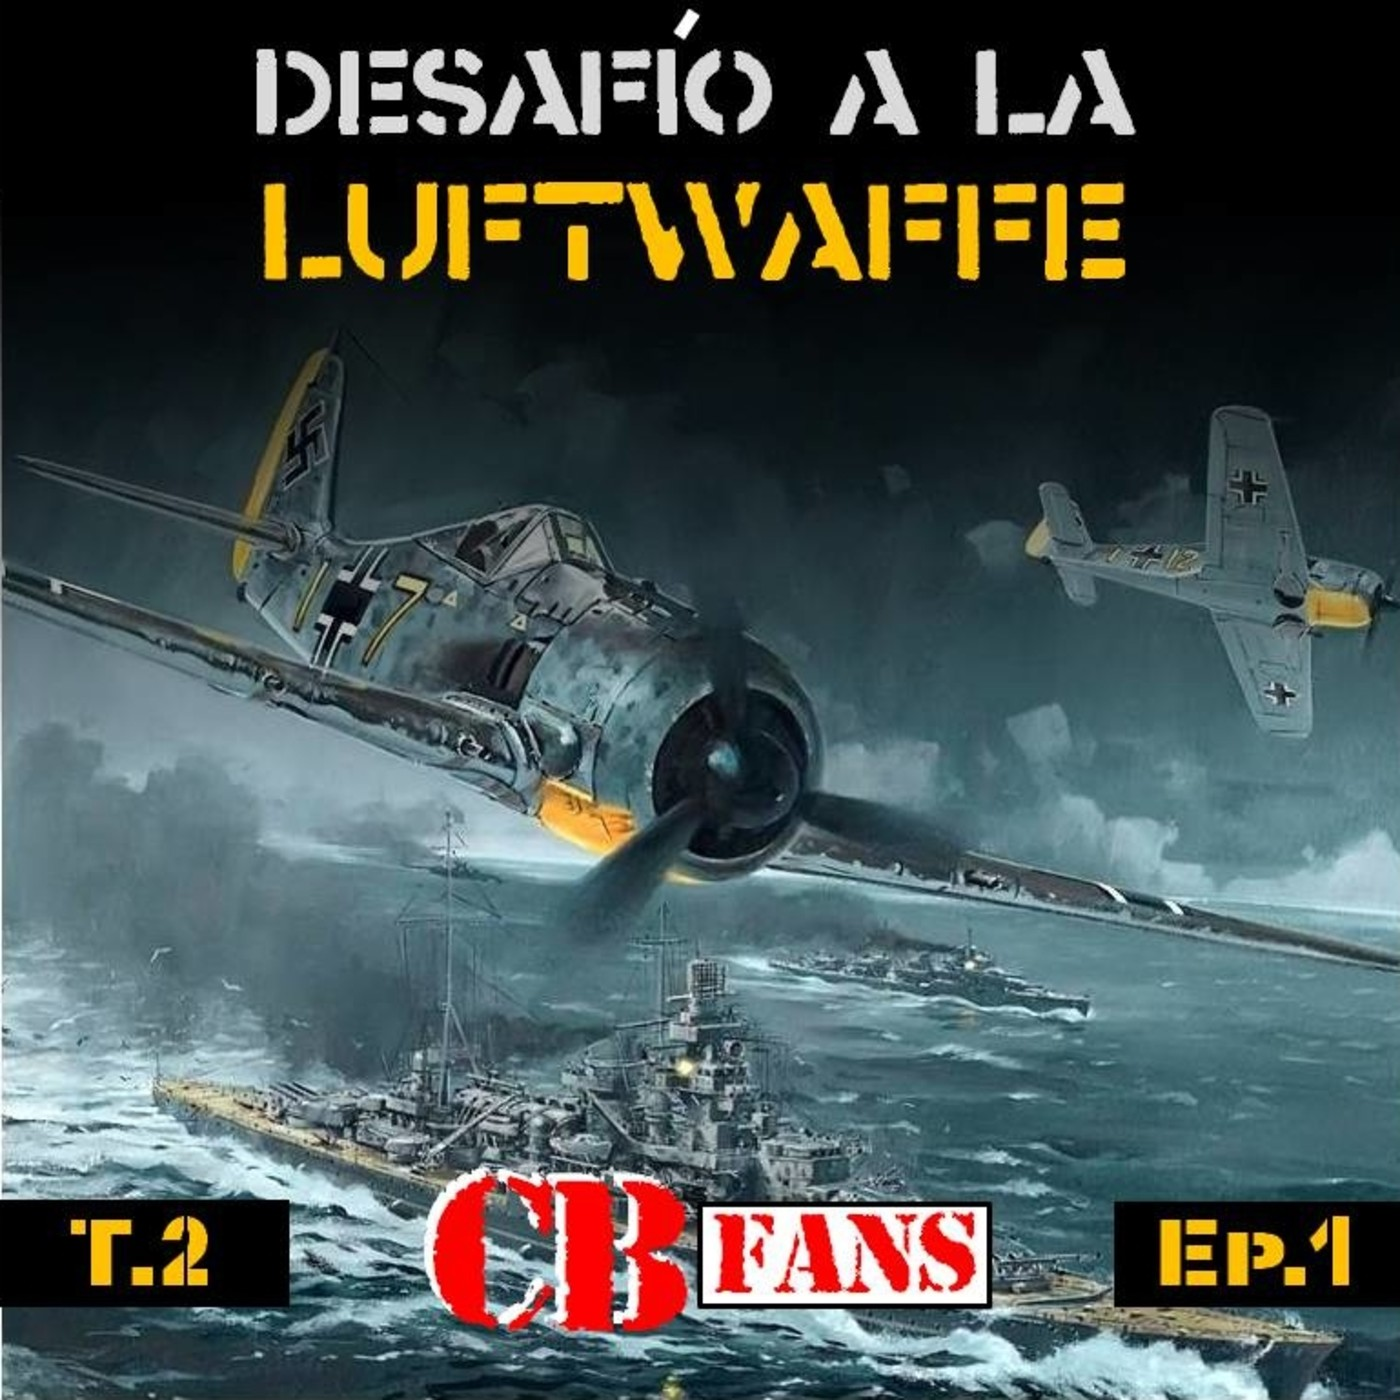 CB FANS 💥 Operación Donnerkeil - Forzando el Canal - Desafío T2E1